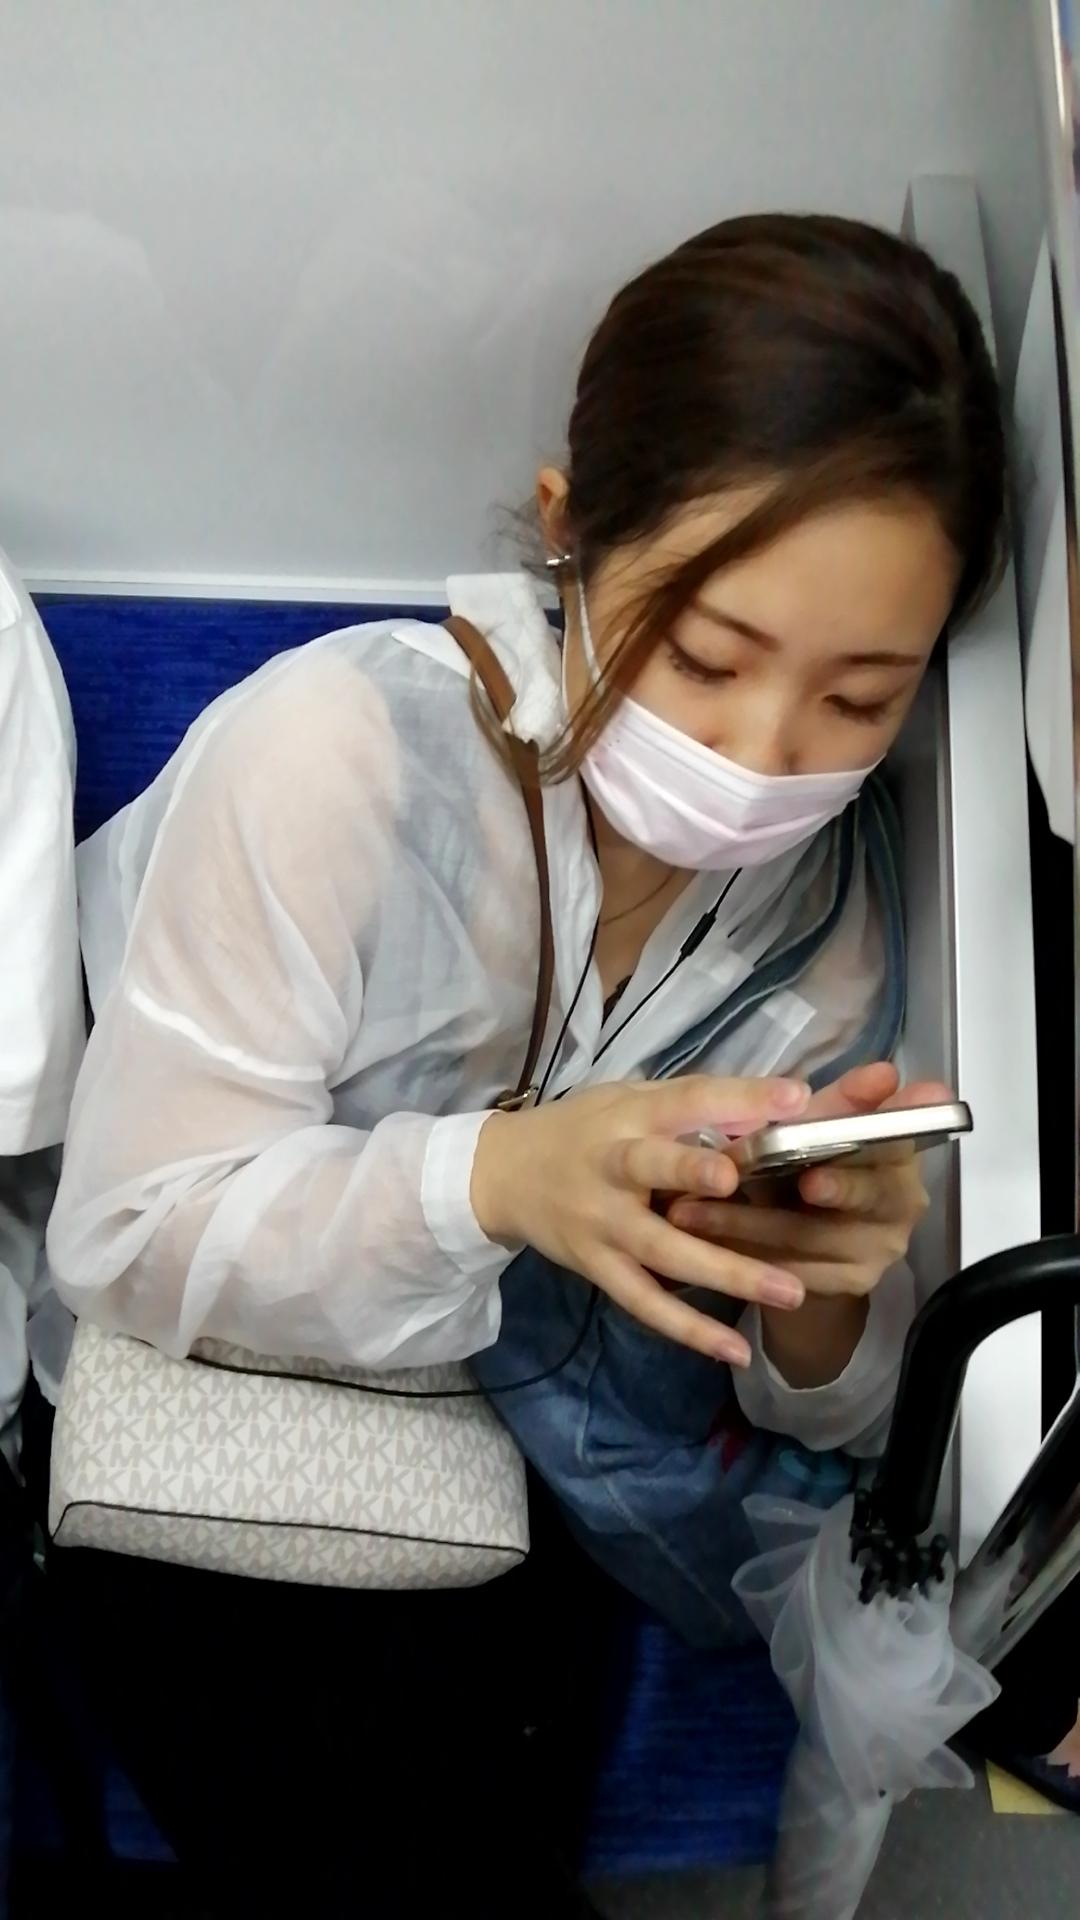 ワイ電車内でお姉さんのおっぱいの谷間を鑑賞をしてしまうwwwwwwwwww noW8W5b